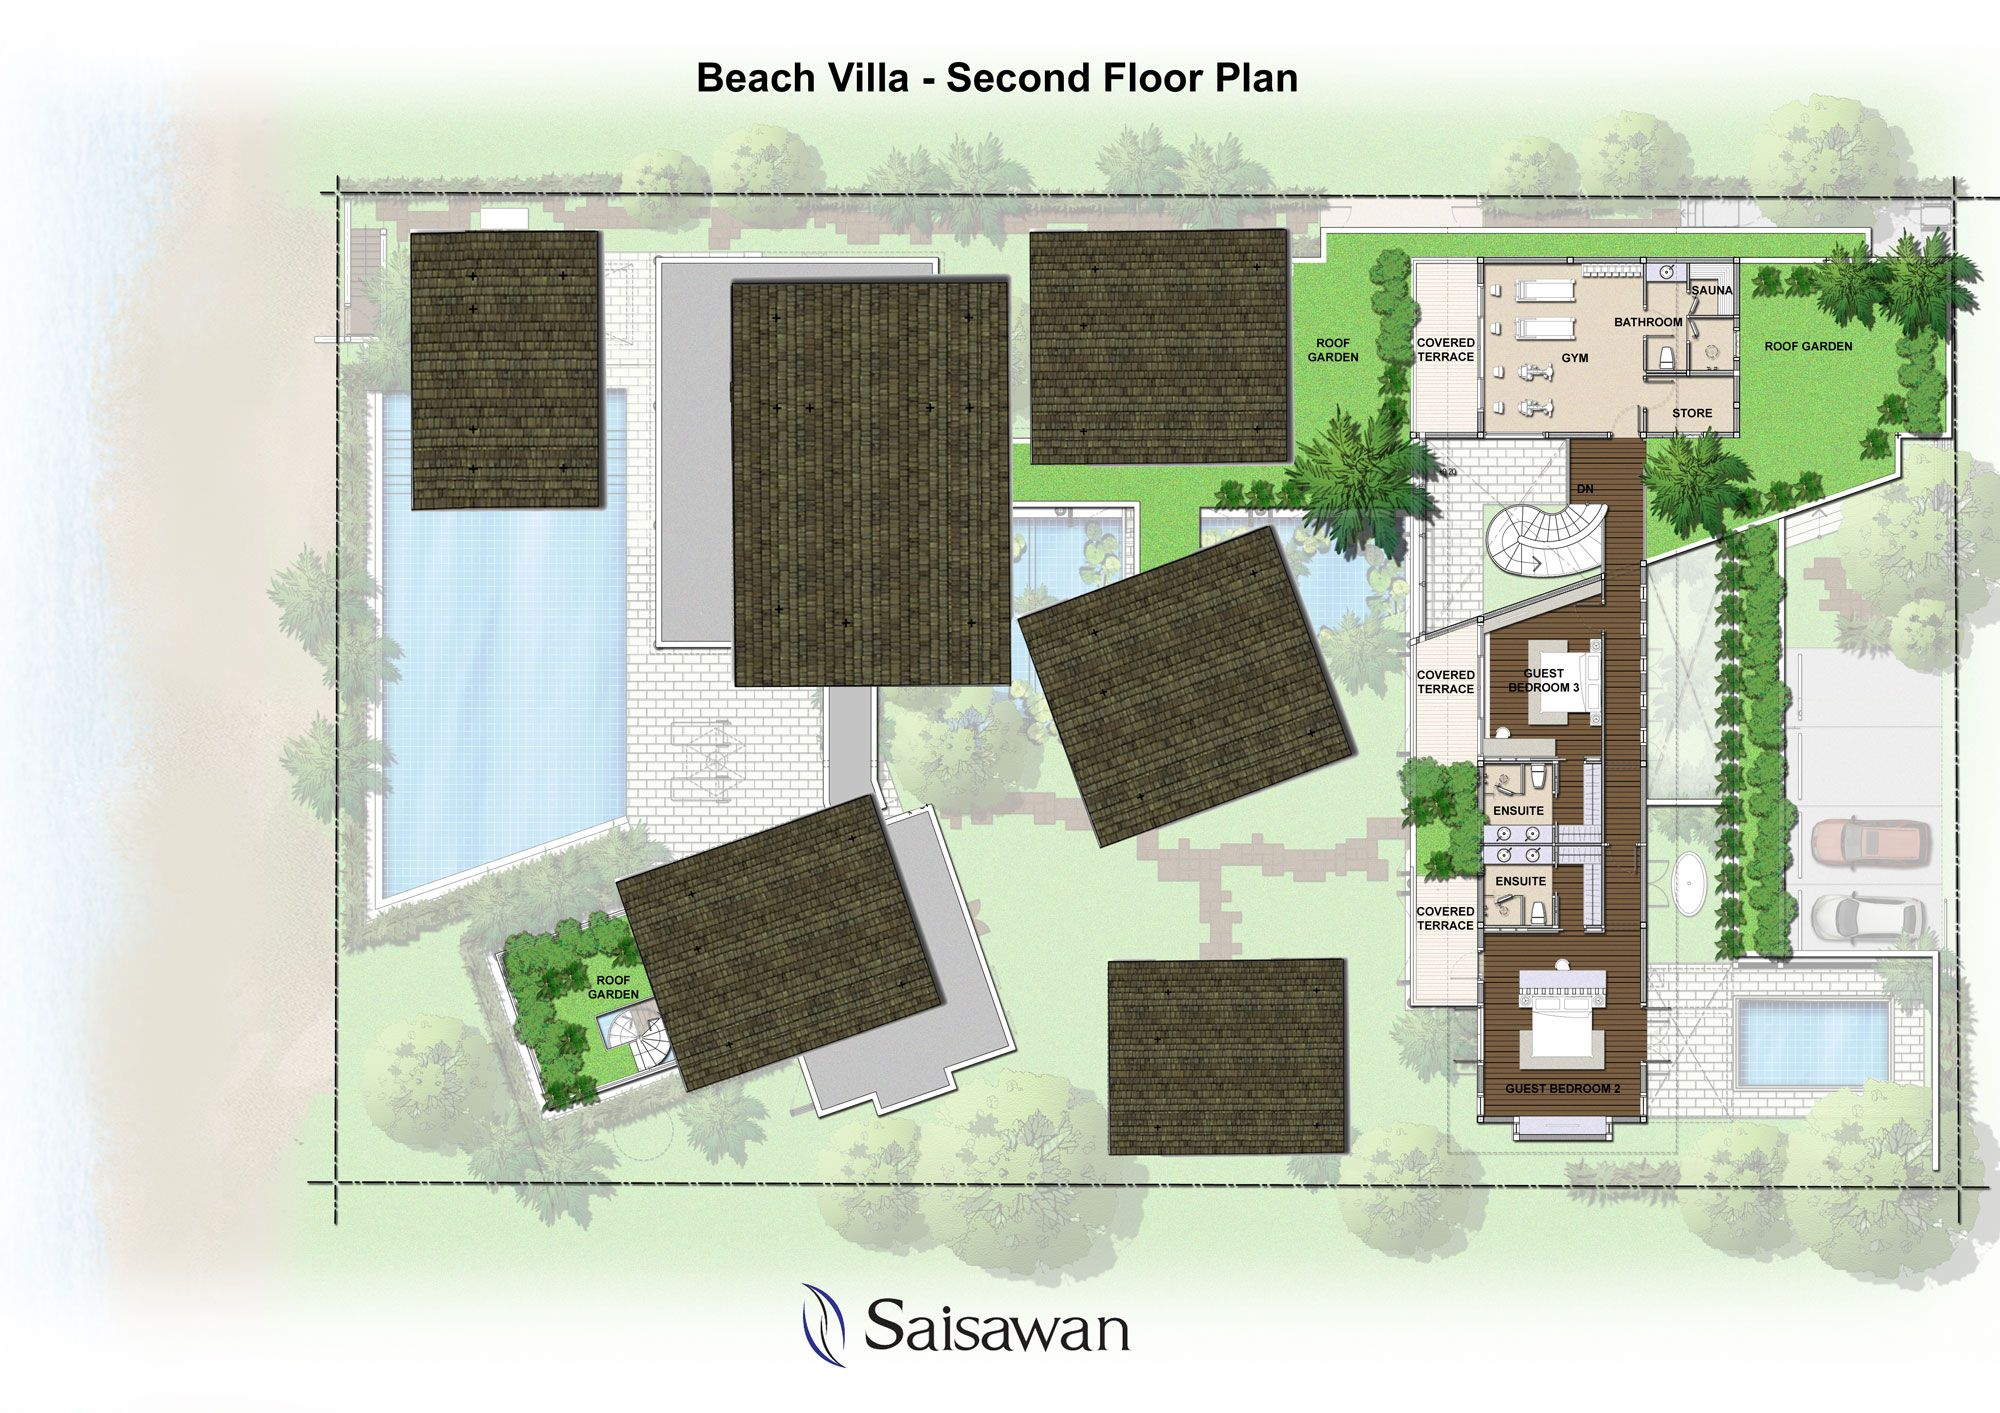 Saisawan - Beach Villas Second Floor Plan